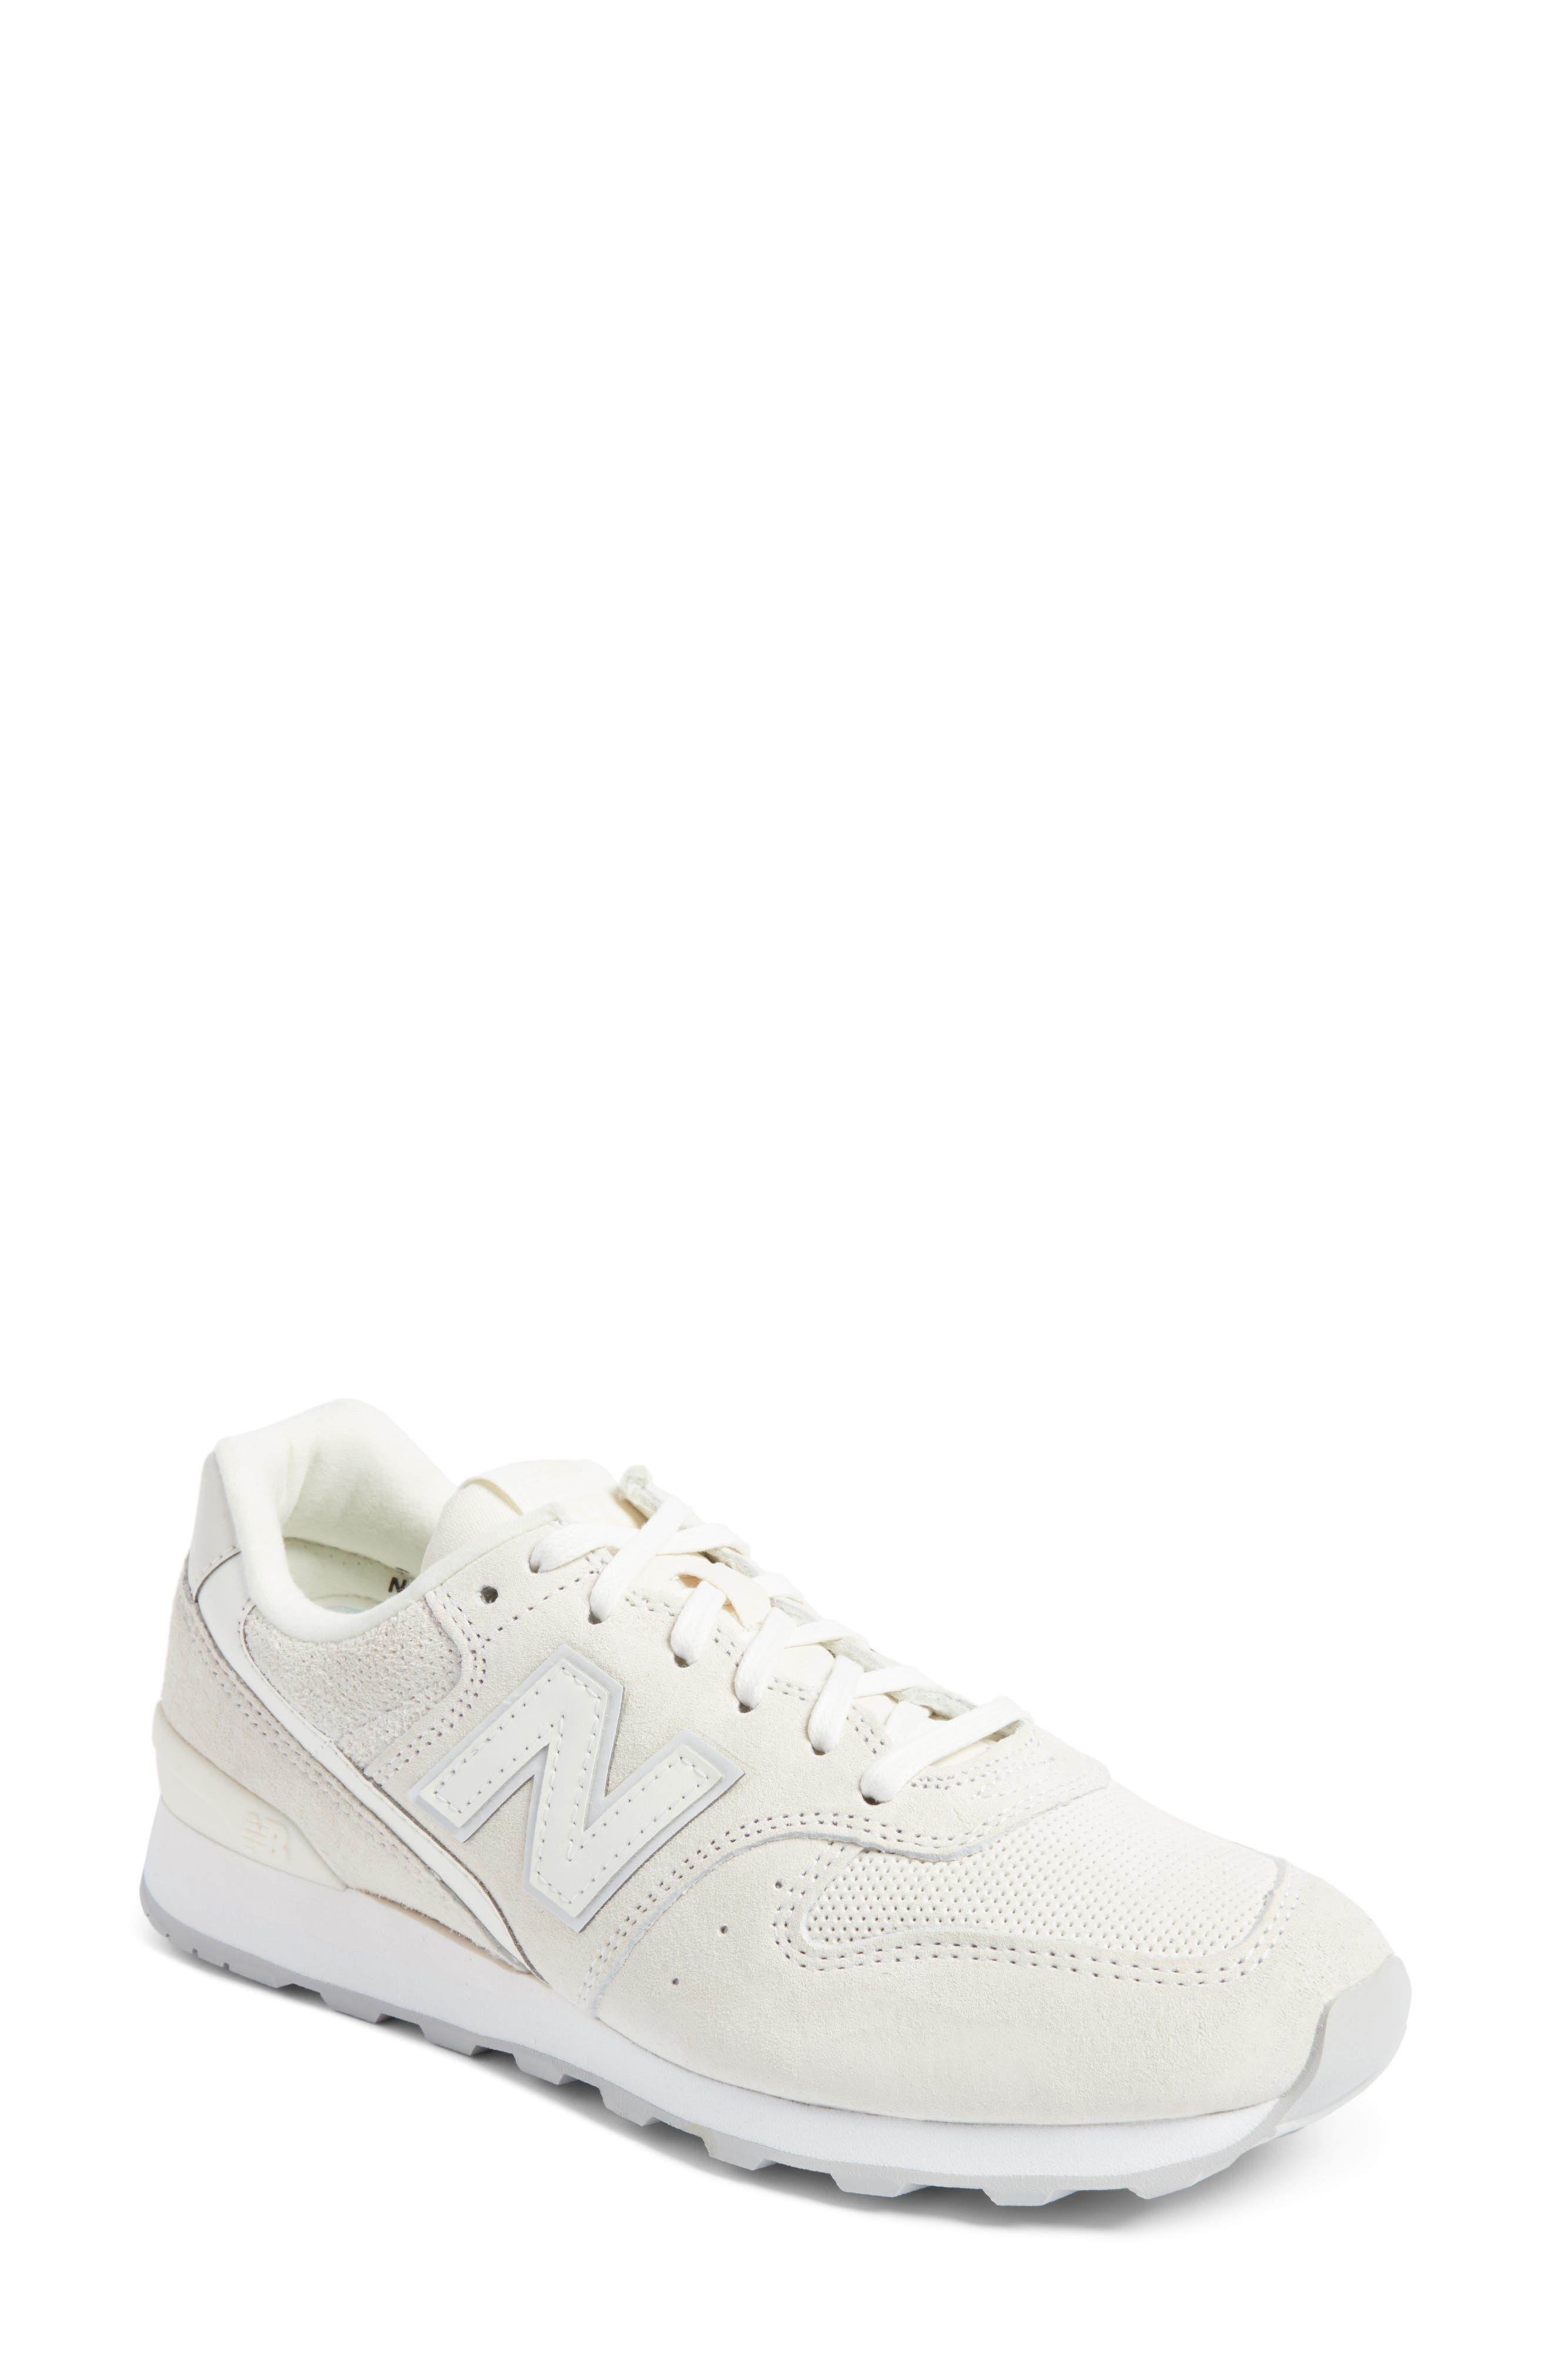 New Balance | 696 Sneaker | Nordstrom Rack